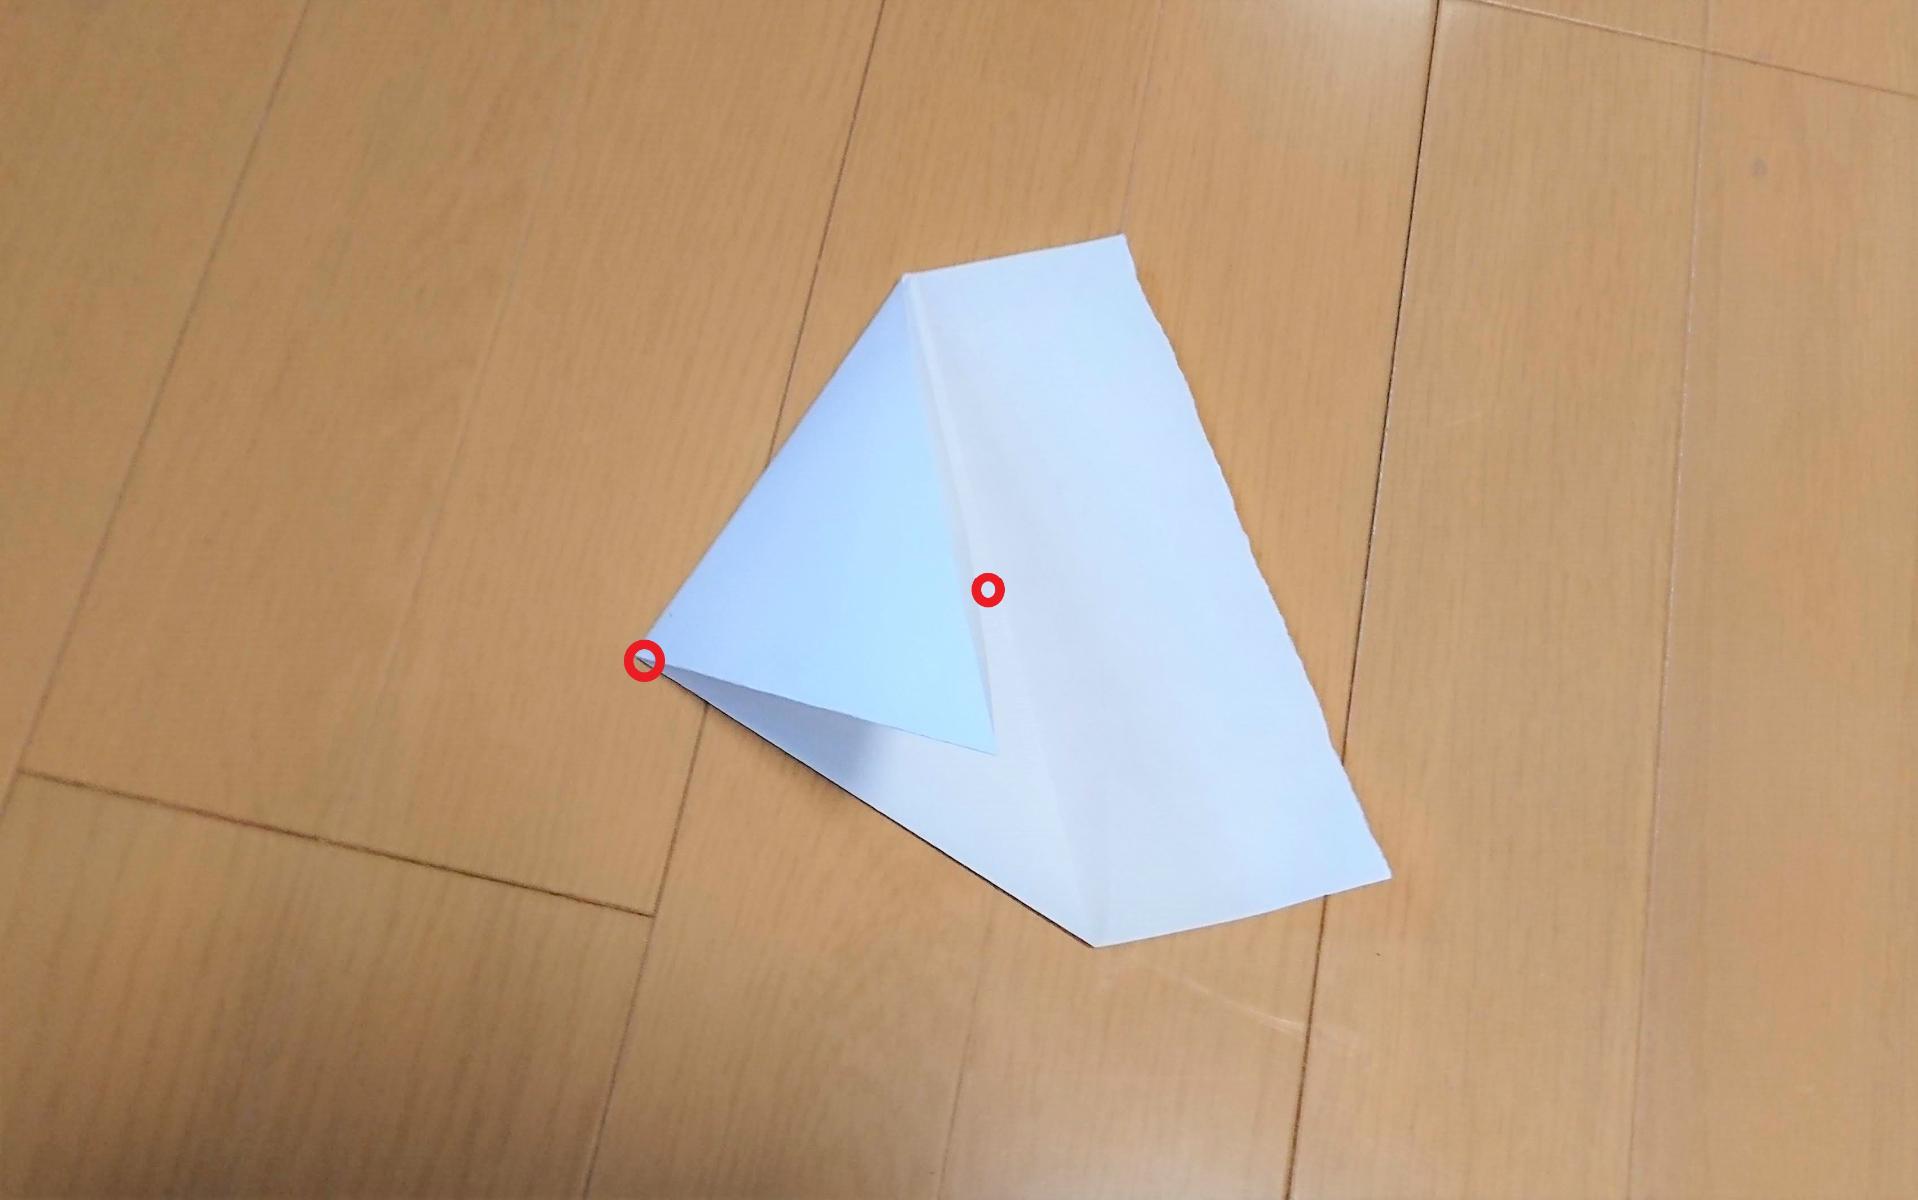 紙 よく 飛行機 飛ぶ